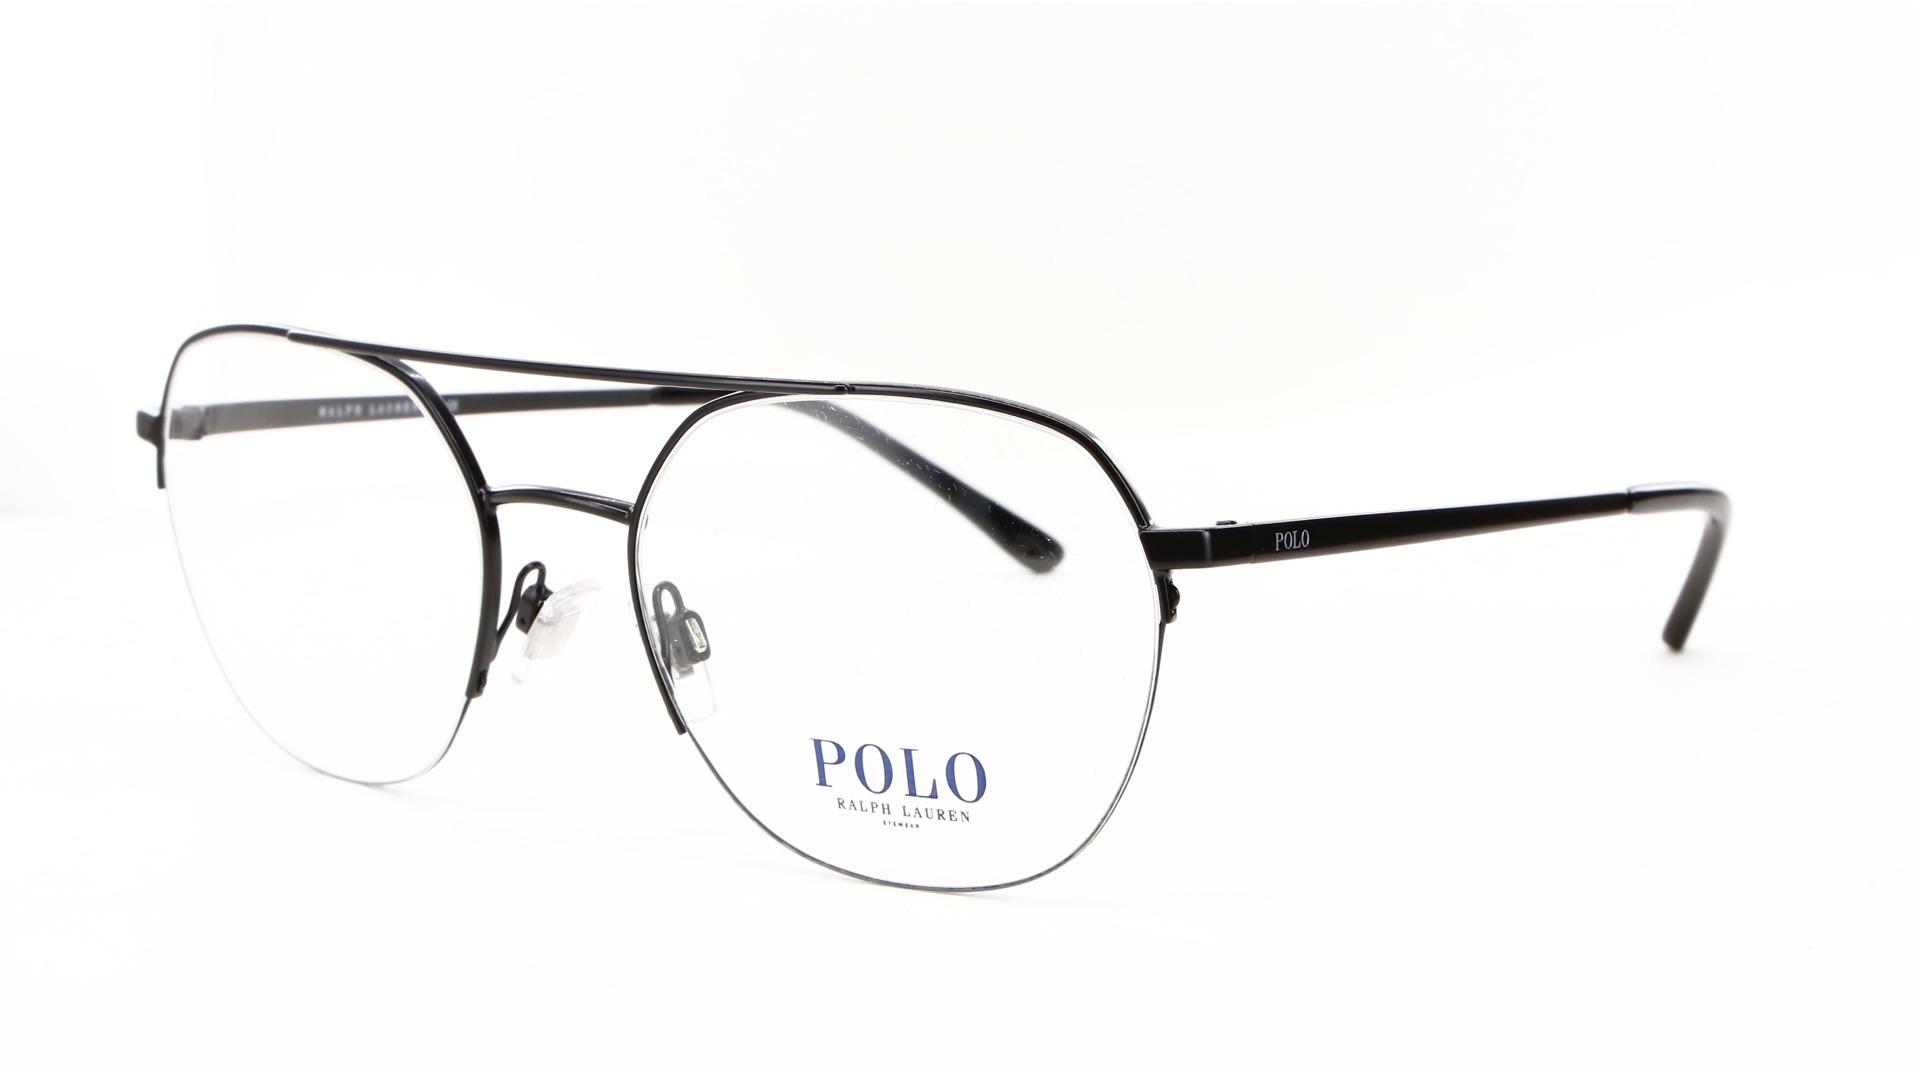 Polo Ralph Lauren - ref: 80769